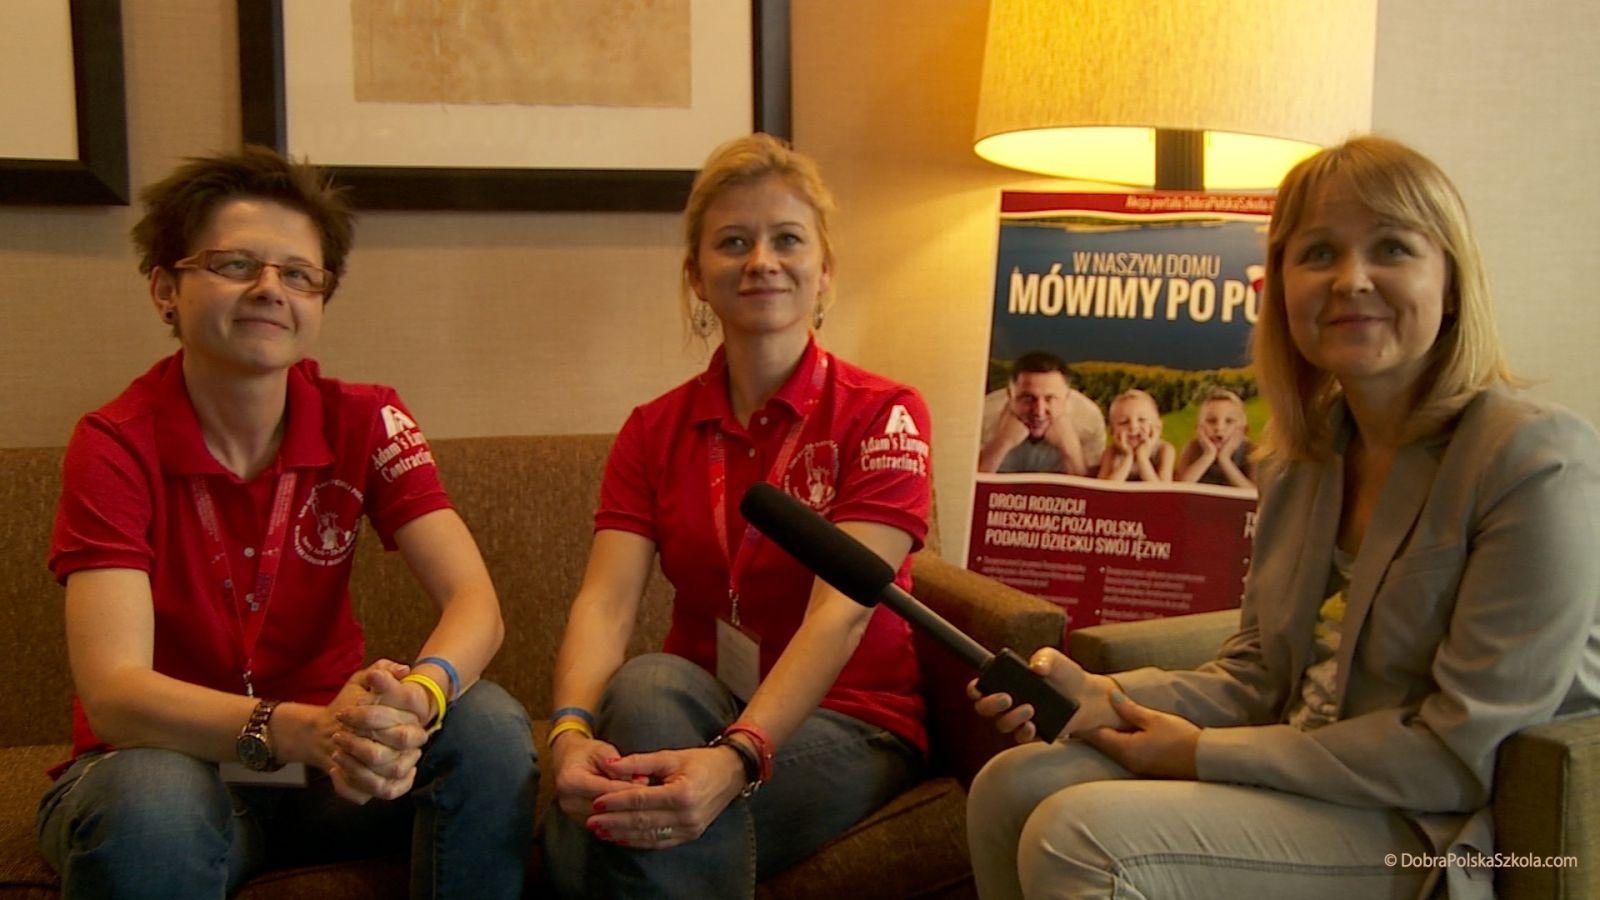 Barbara Wojcieszak i Aneta Matyszczyk z Polskiej Szkoly w Clark, CT, Marta Kustek z portalu DobraPolskaSzkola.com